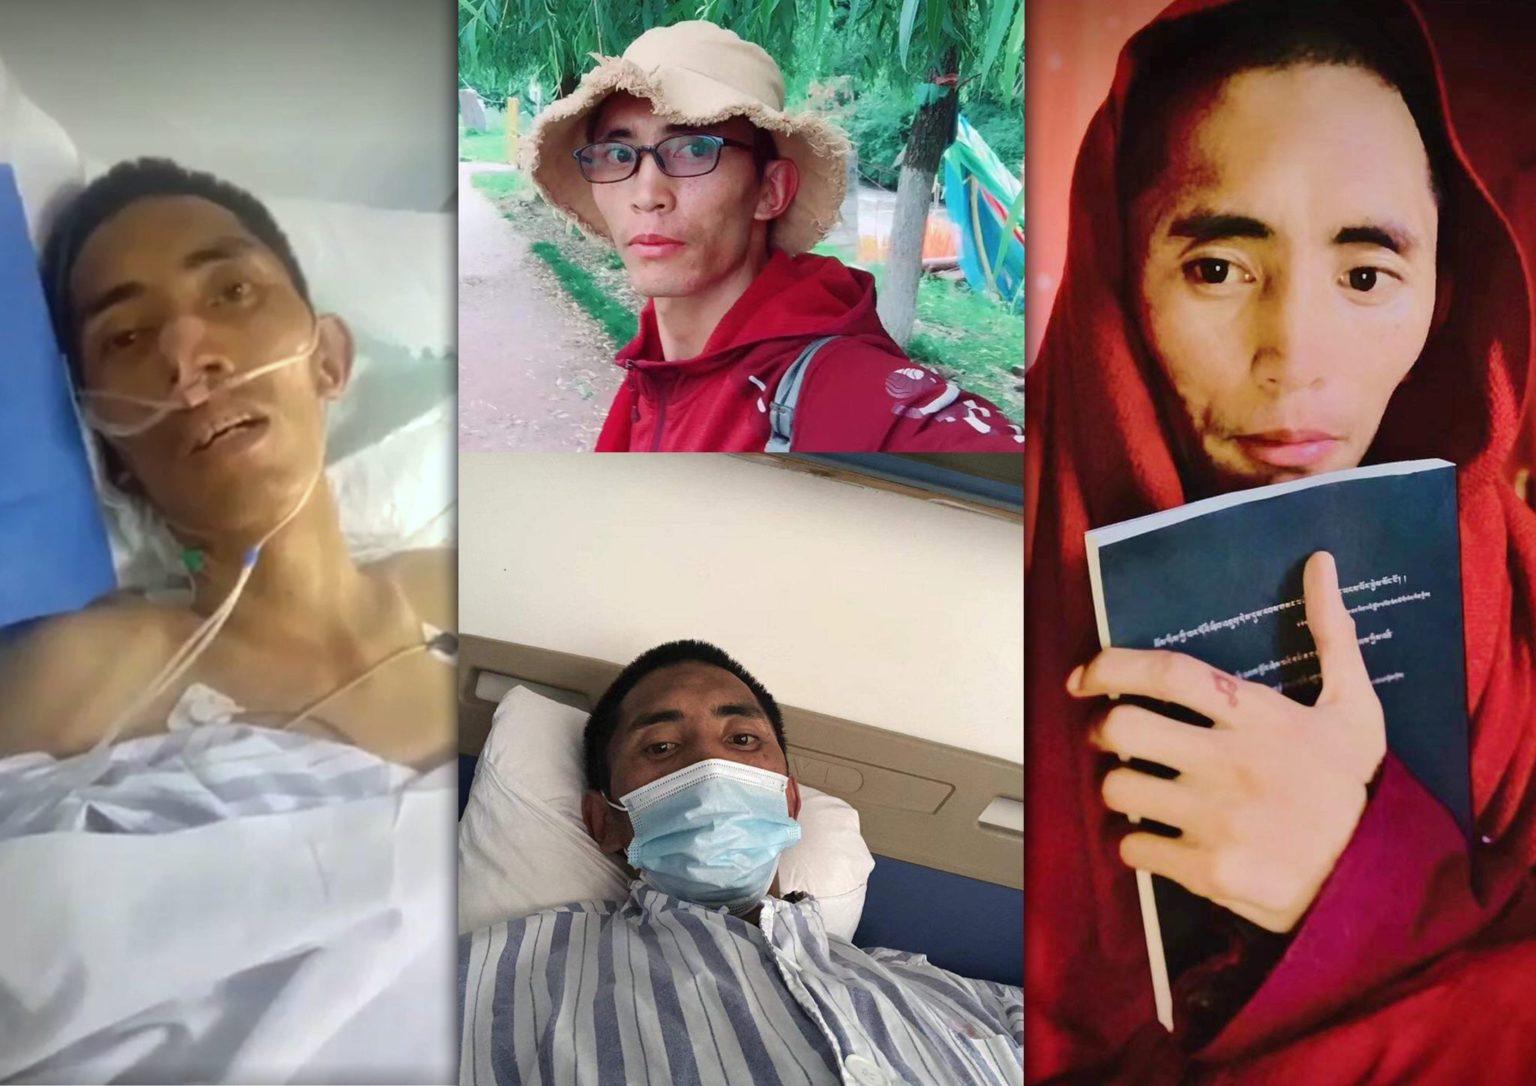 藏族作家次仁顿珠于2021年的9月15日在四川省会成都的一家医院中不治身亡。(西藏之声)